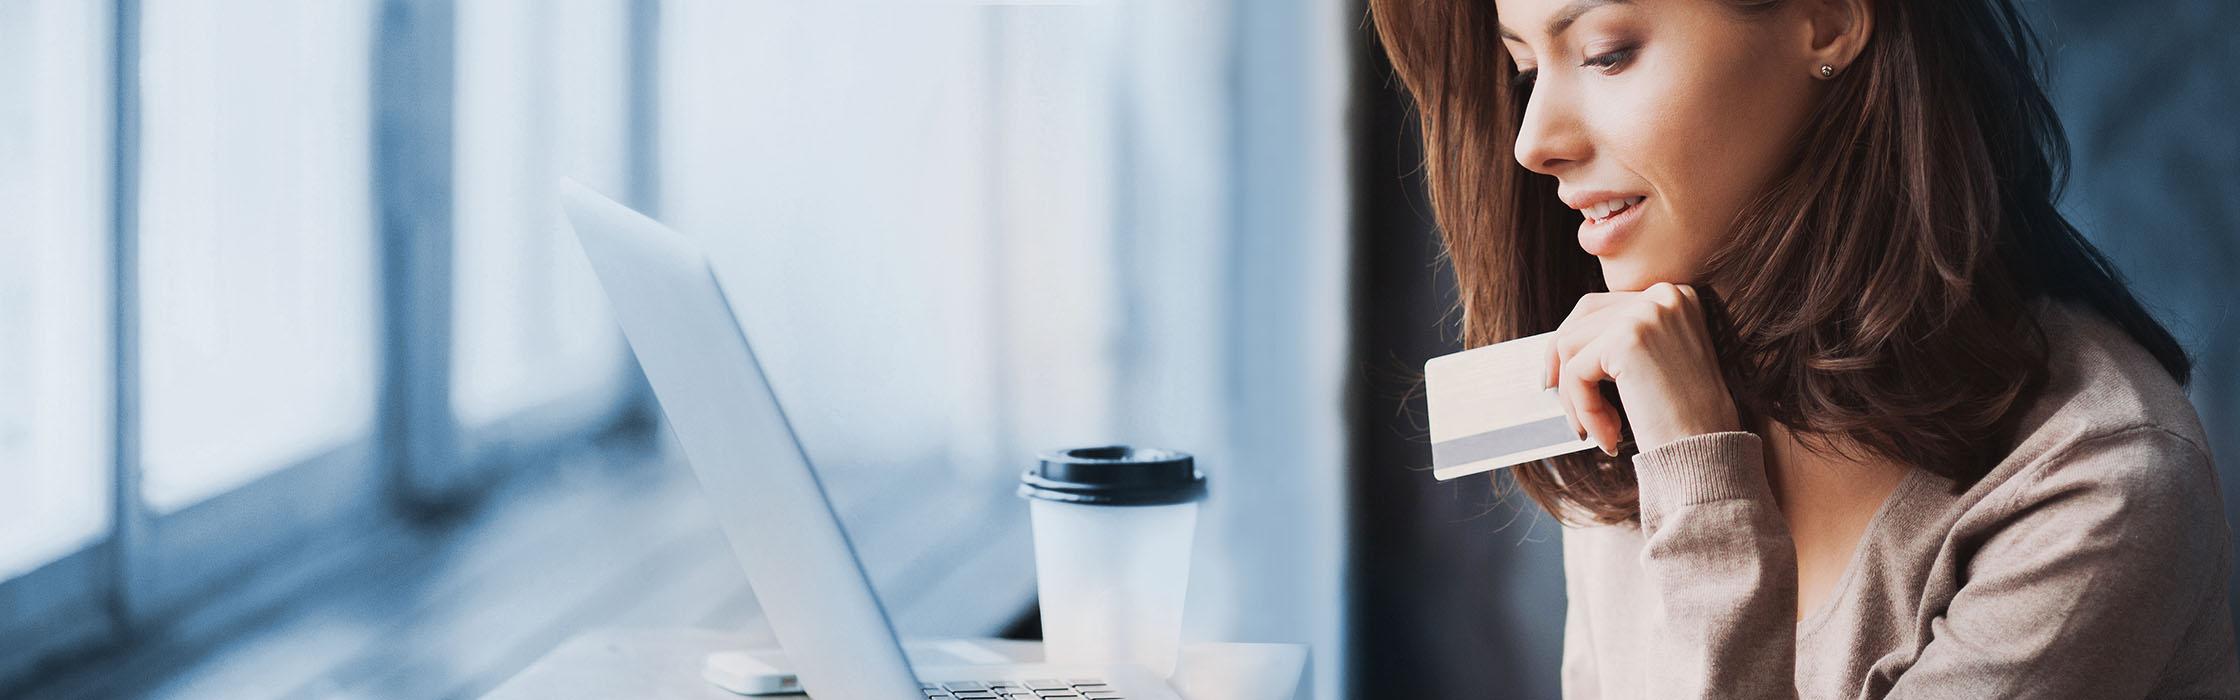 Jeune femme commandant des lentilles de contact en ligne